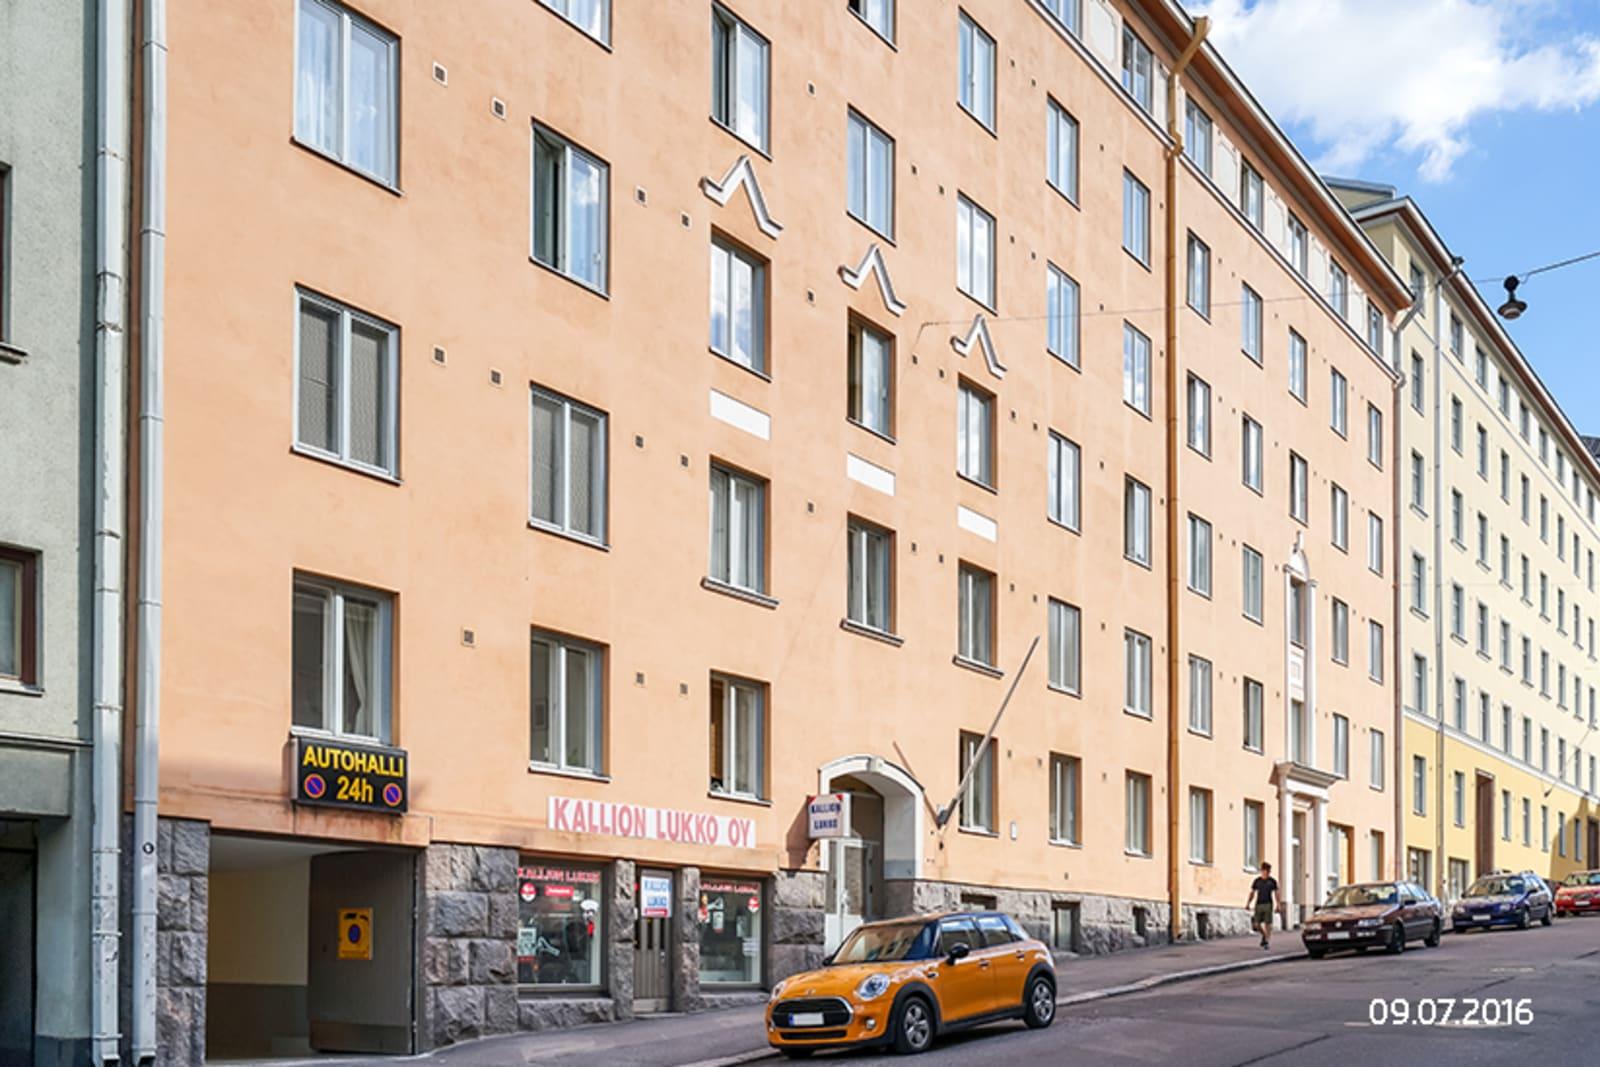 Helsinki, Kallio, Pengerkatu 27